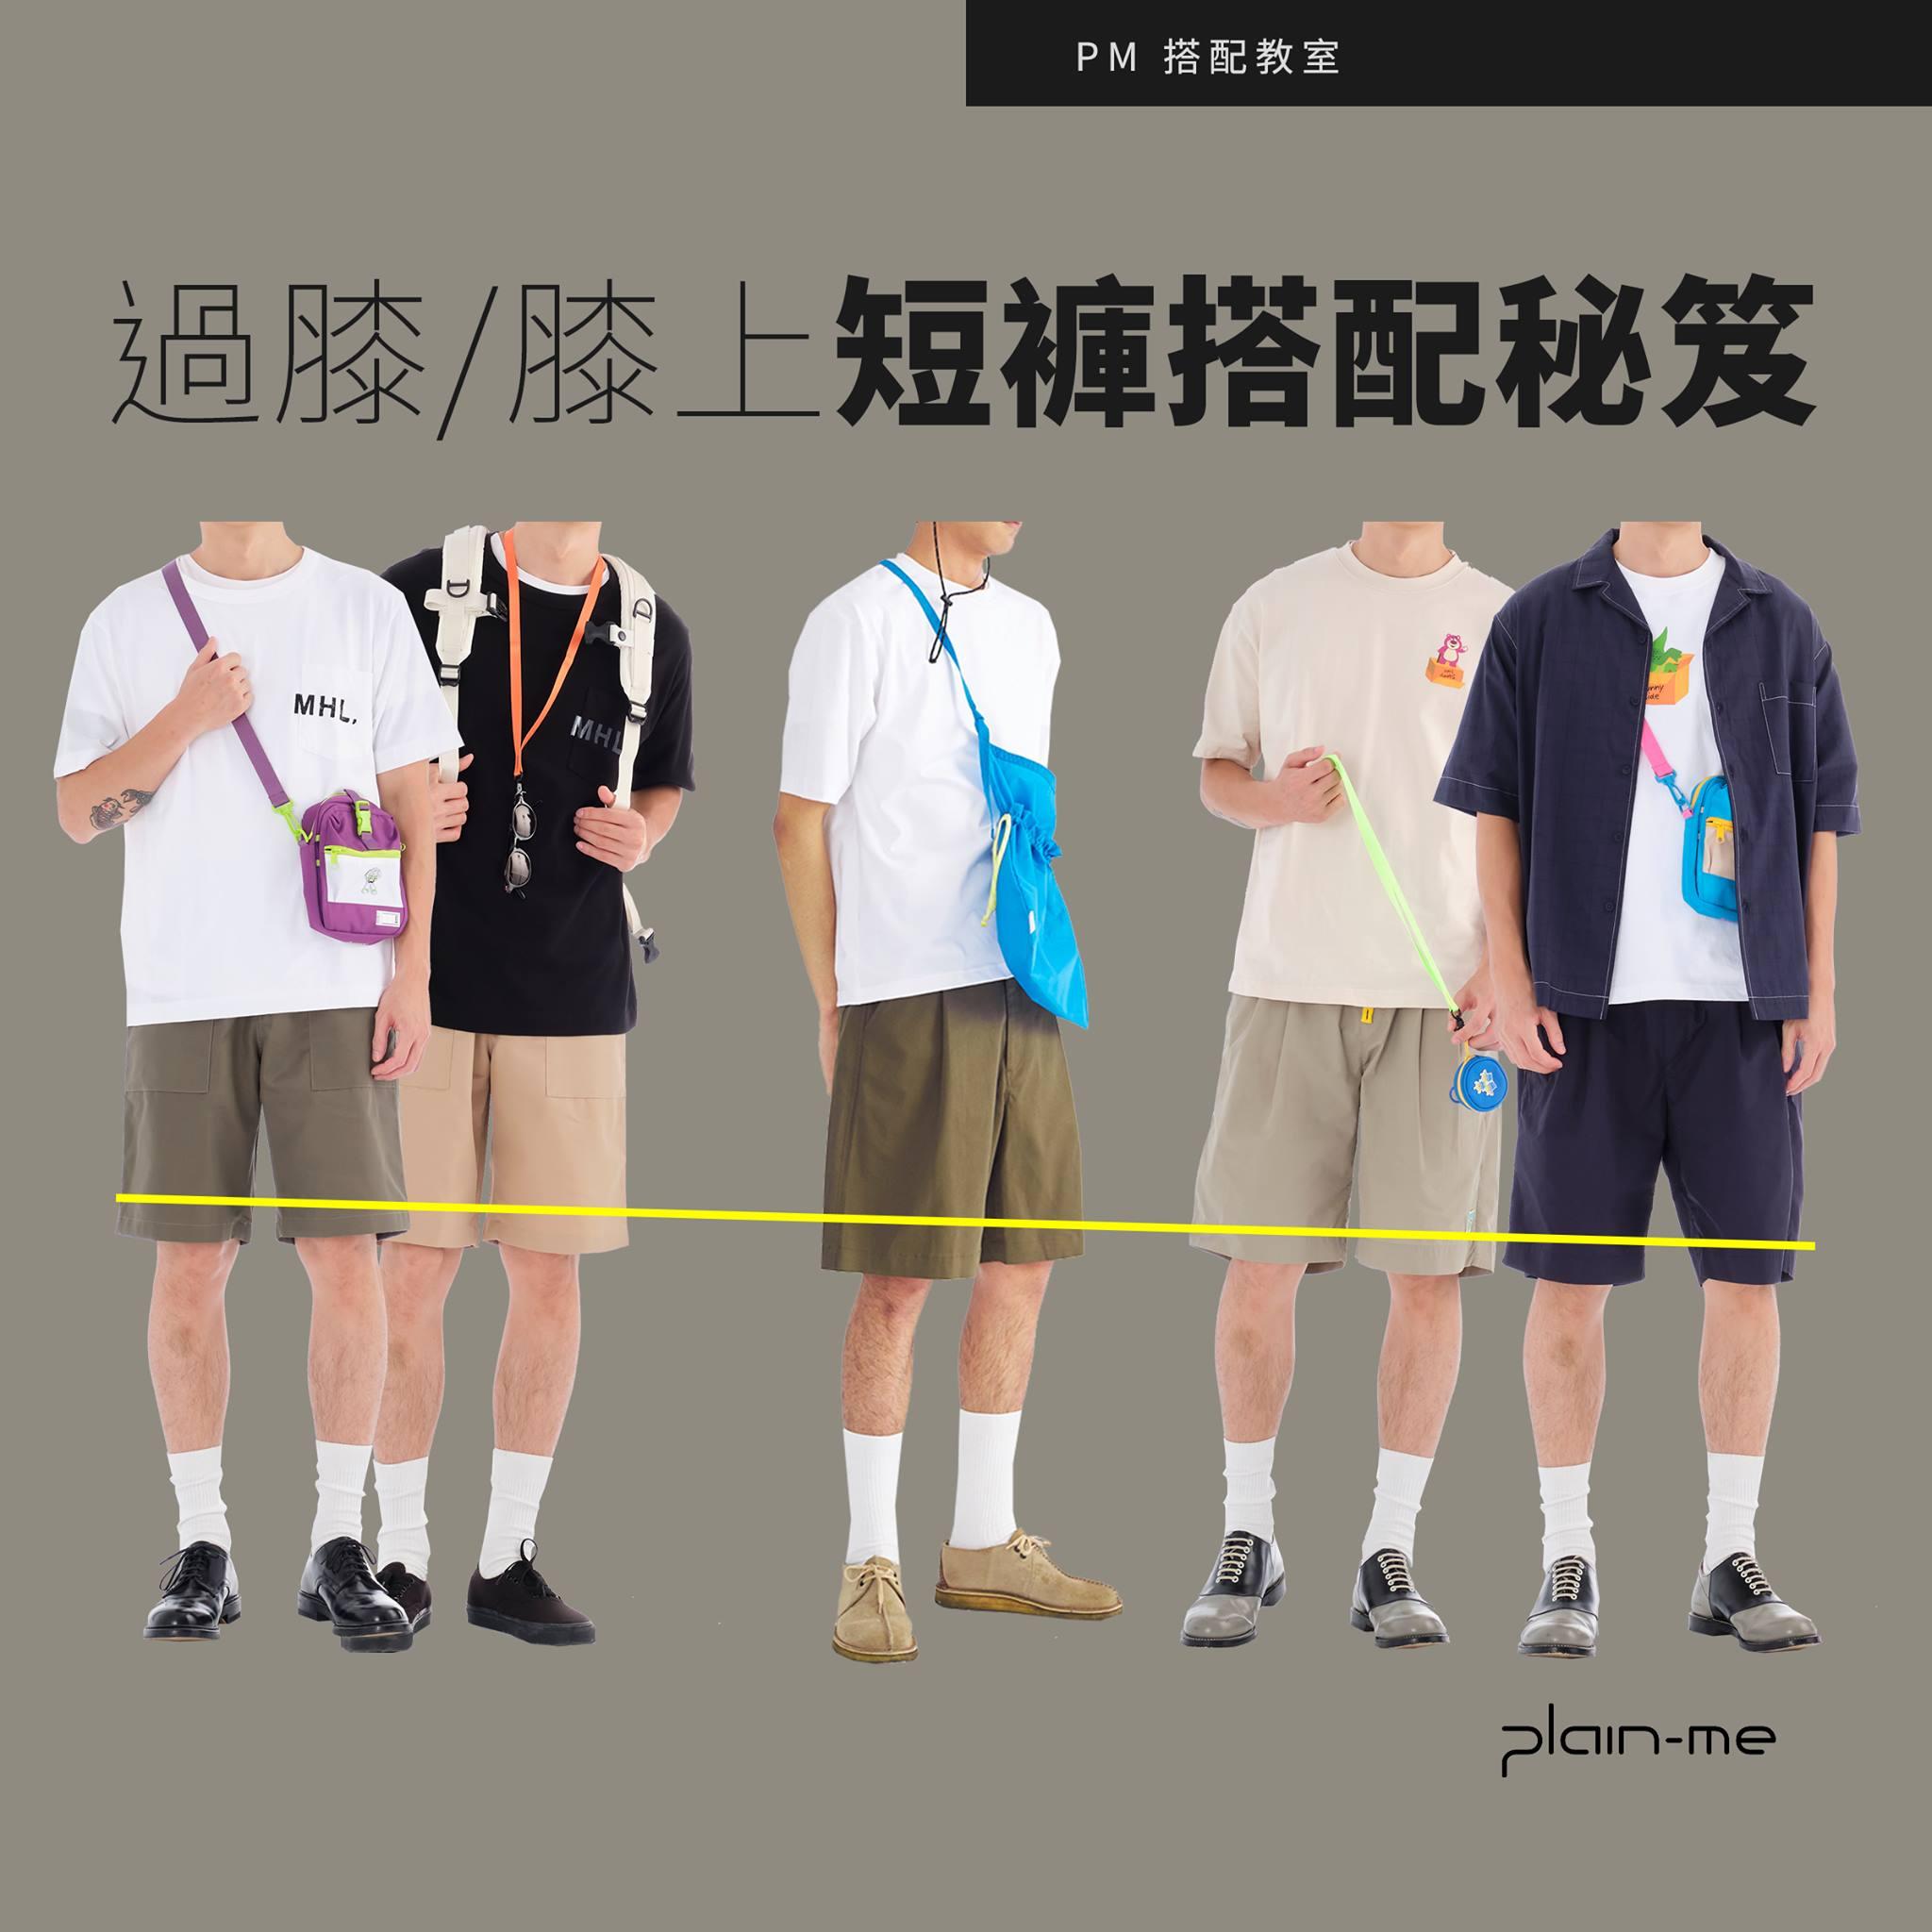 短褲,短褲 男,短褲推薦,短褲搭配,短褲穿搭,短褲穿搭男,短褲品牌,短褲穿搭女,機能短褲,工裝短褲,每周穿搭,每周穿搭提案,穿搭提案